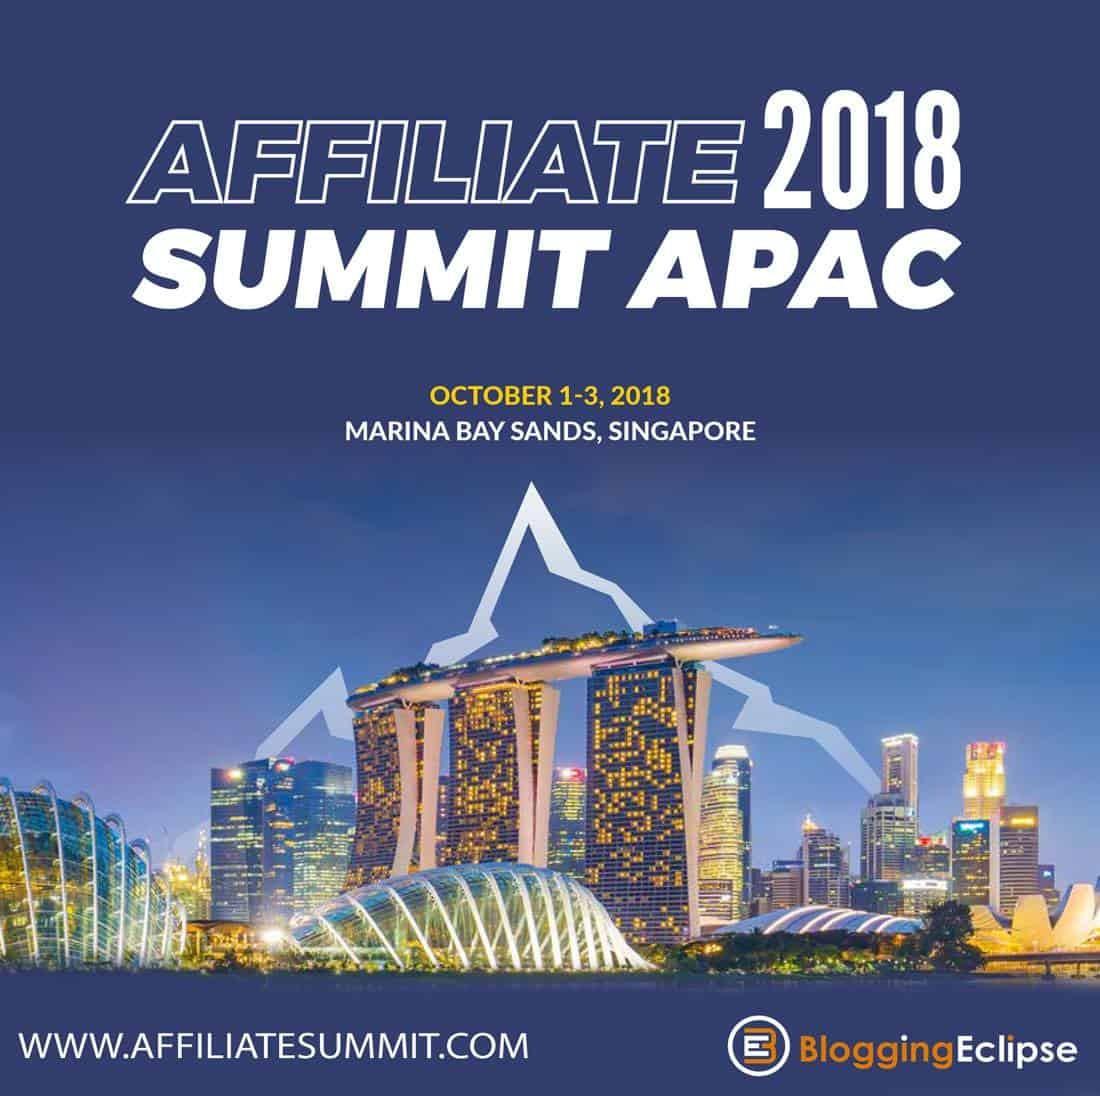 Affiliate-Summit-APAC-2018